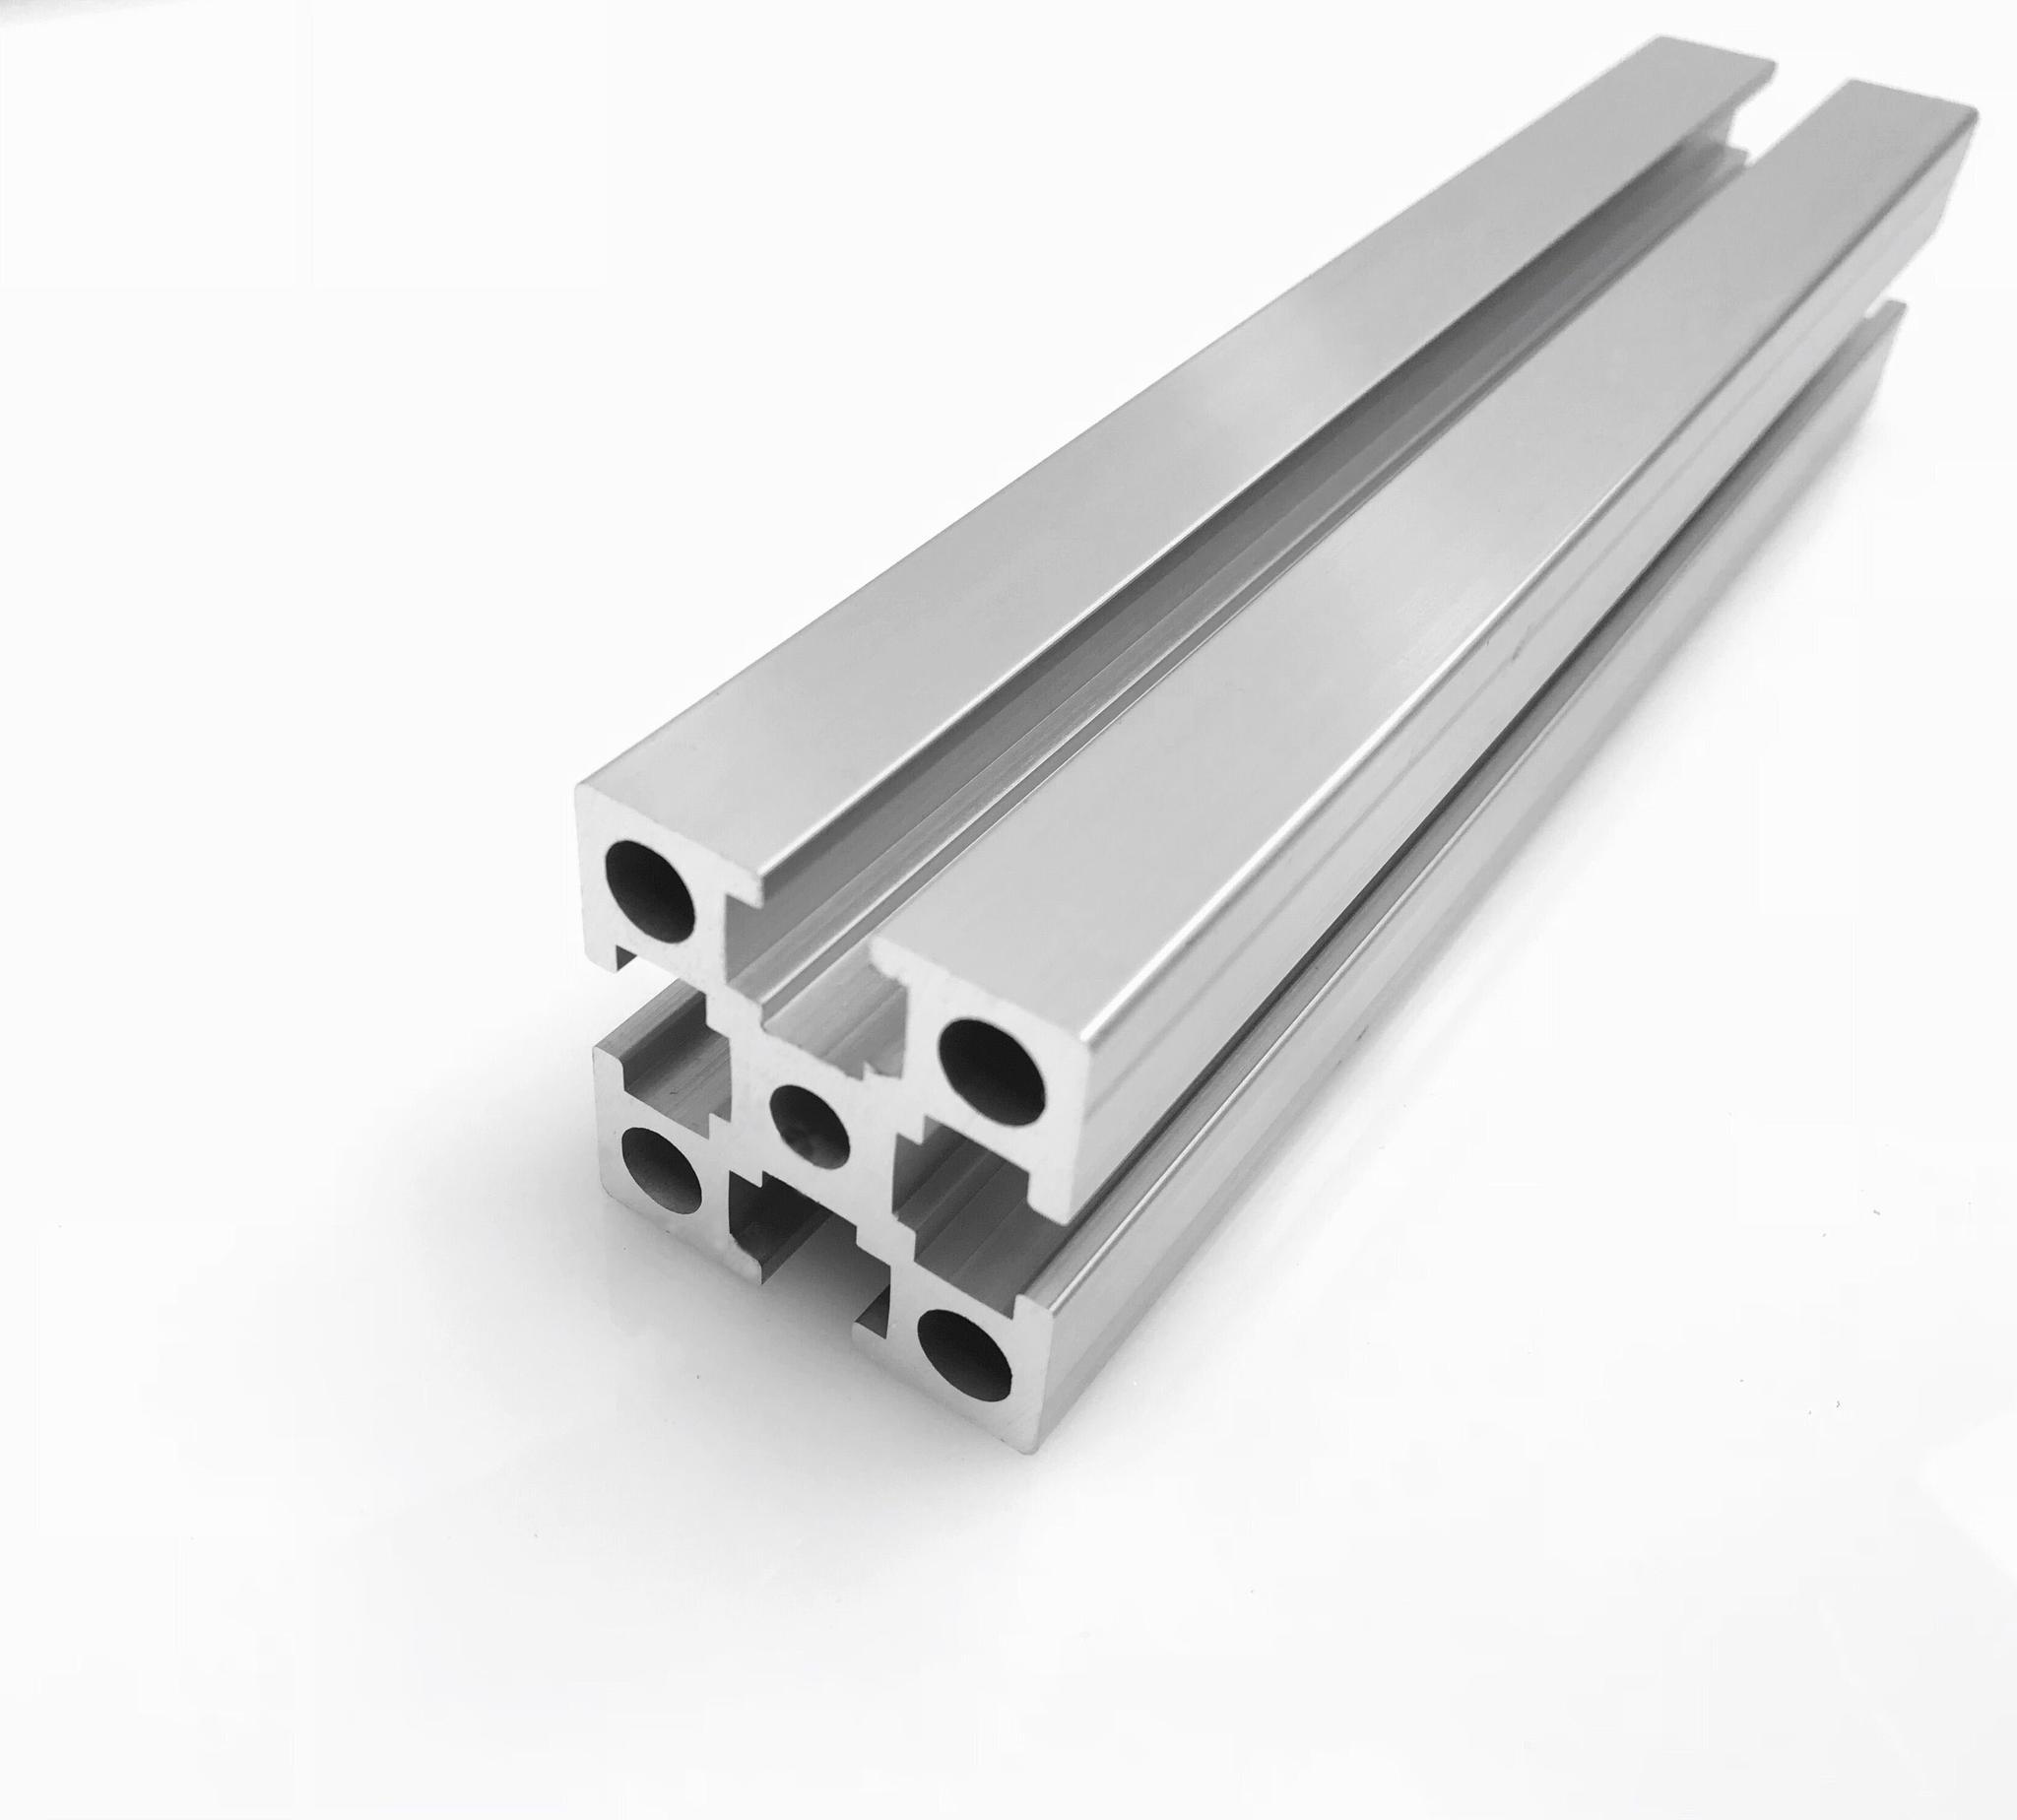 工业铝型材配件可以组装哪些4040型材架子